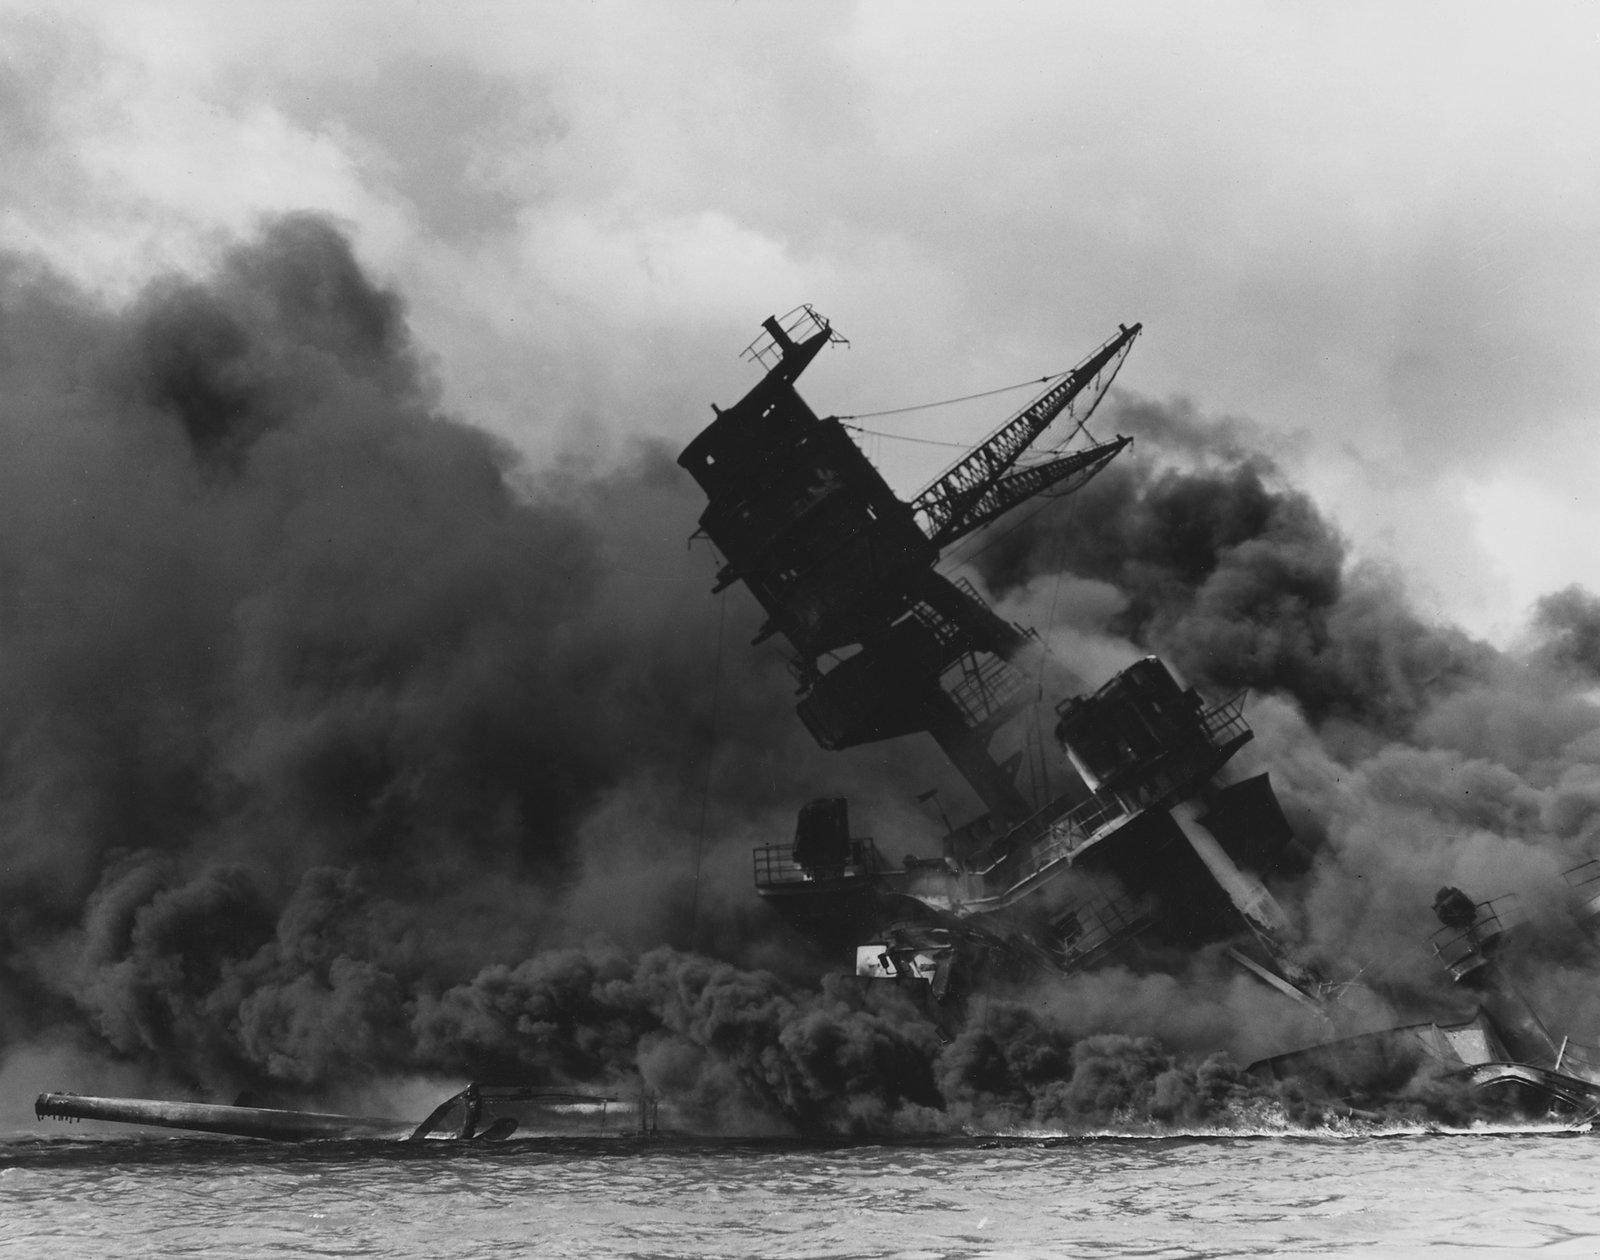 Okręt USS Arizona płonący po japońskim ataku na Pearl Harbor Źródło: Okręt USS Arizona płonący po japońskim ataku na Pearl Harbor, Archiwum Narodowe USA, domena publiczna.